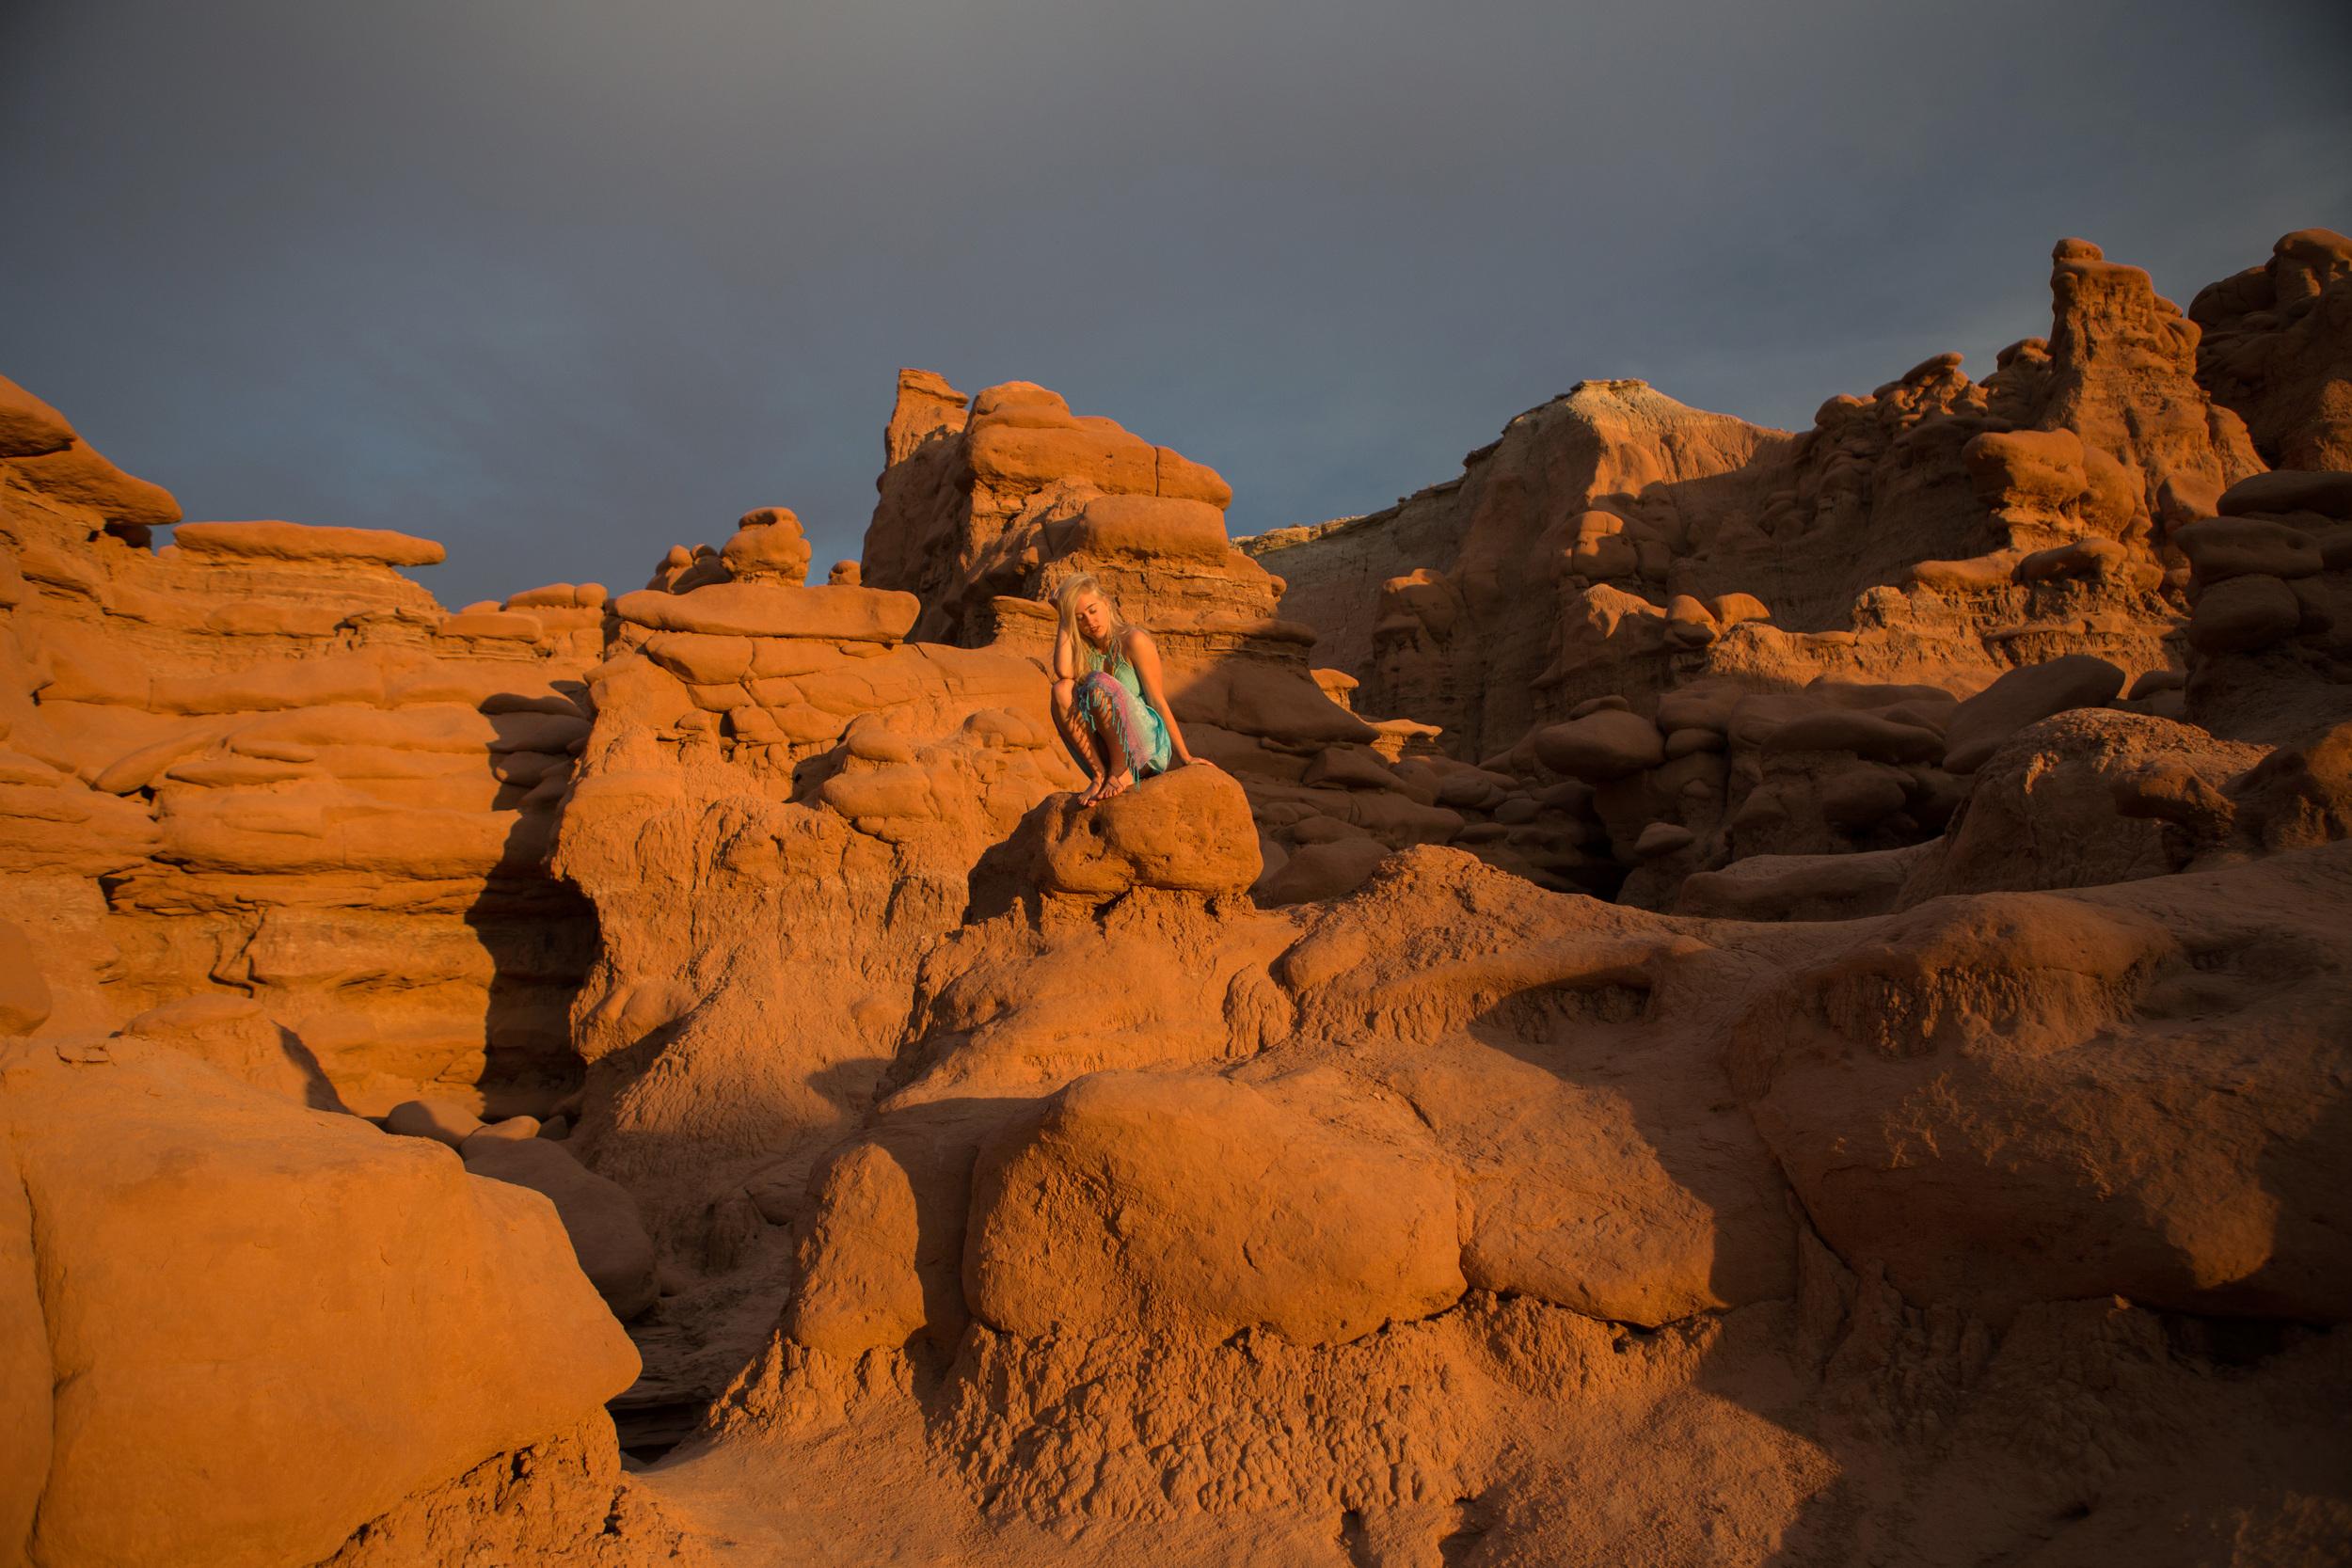 JordanRose_AstroBandit_GoblinValley_Sunset_3.jpg